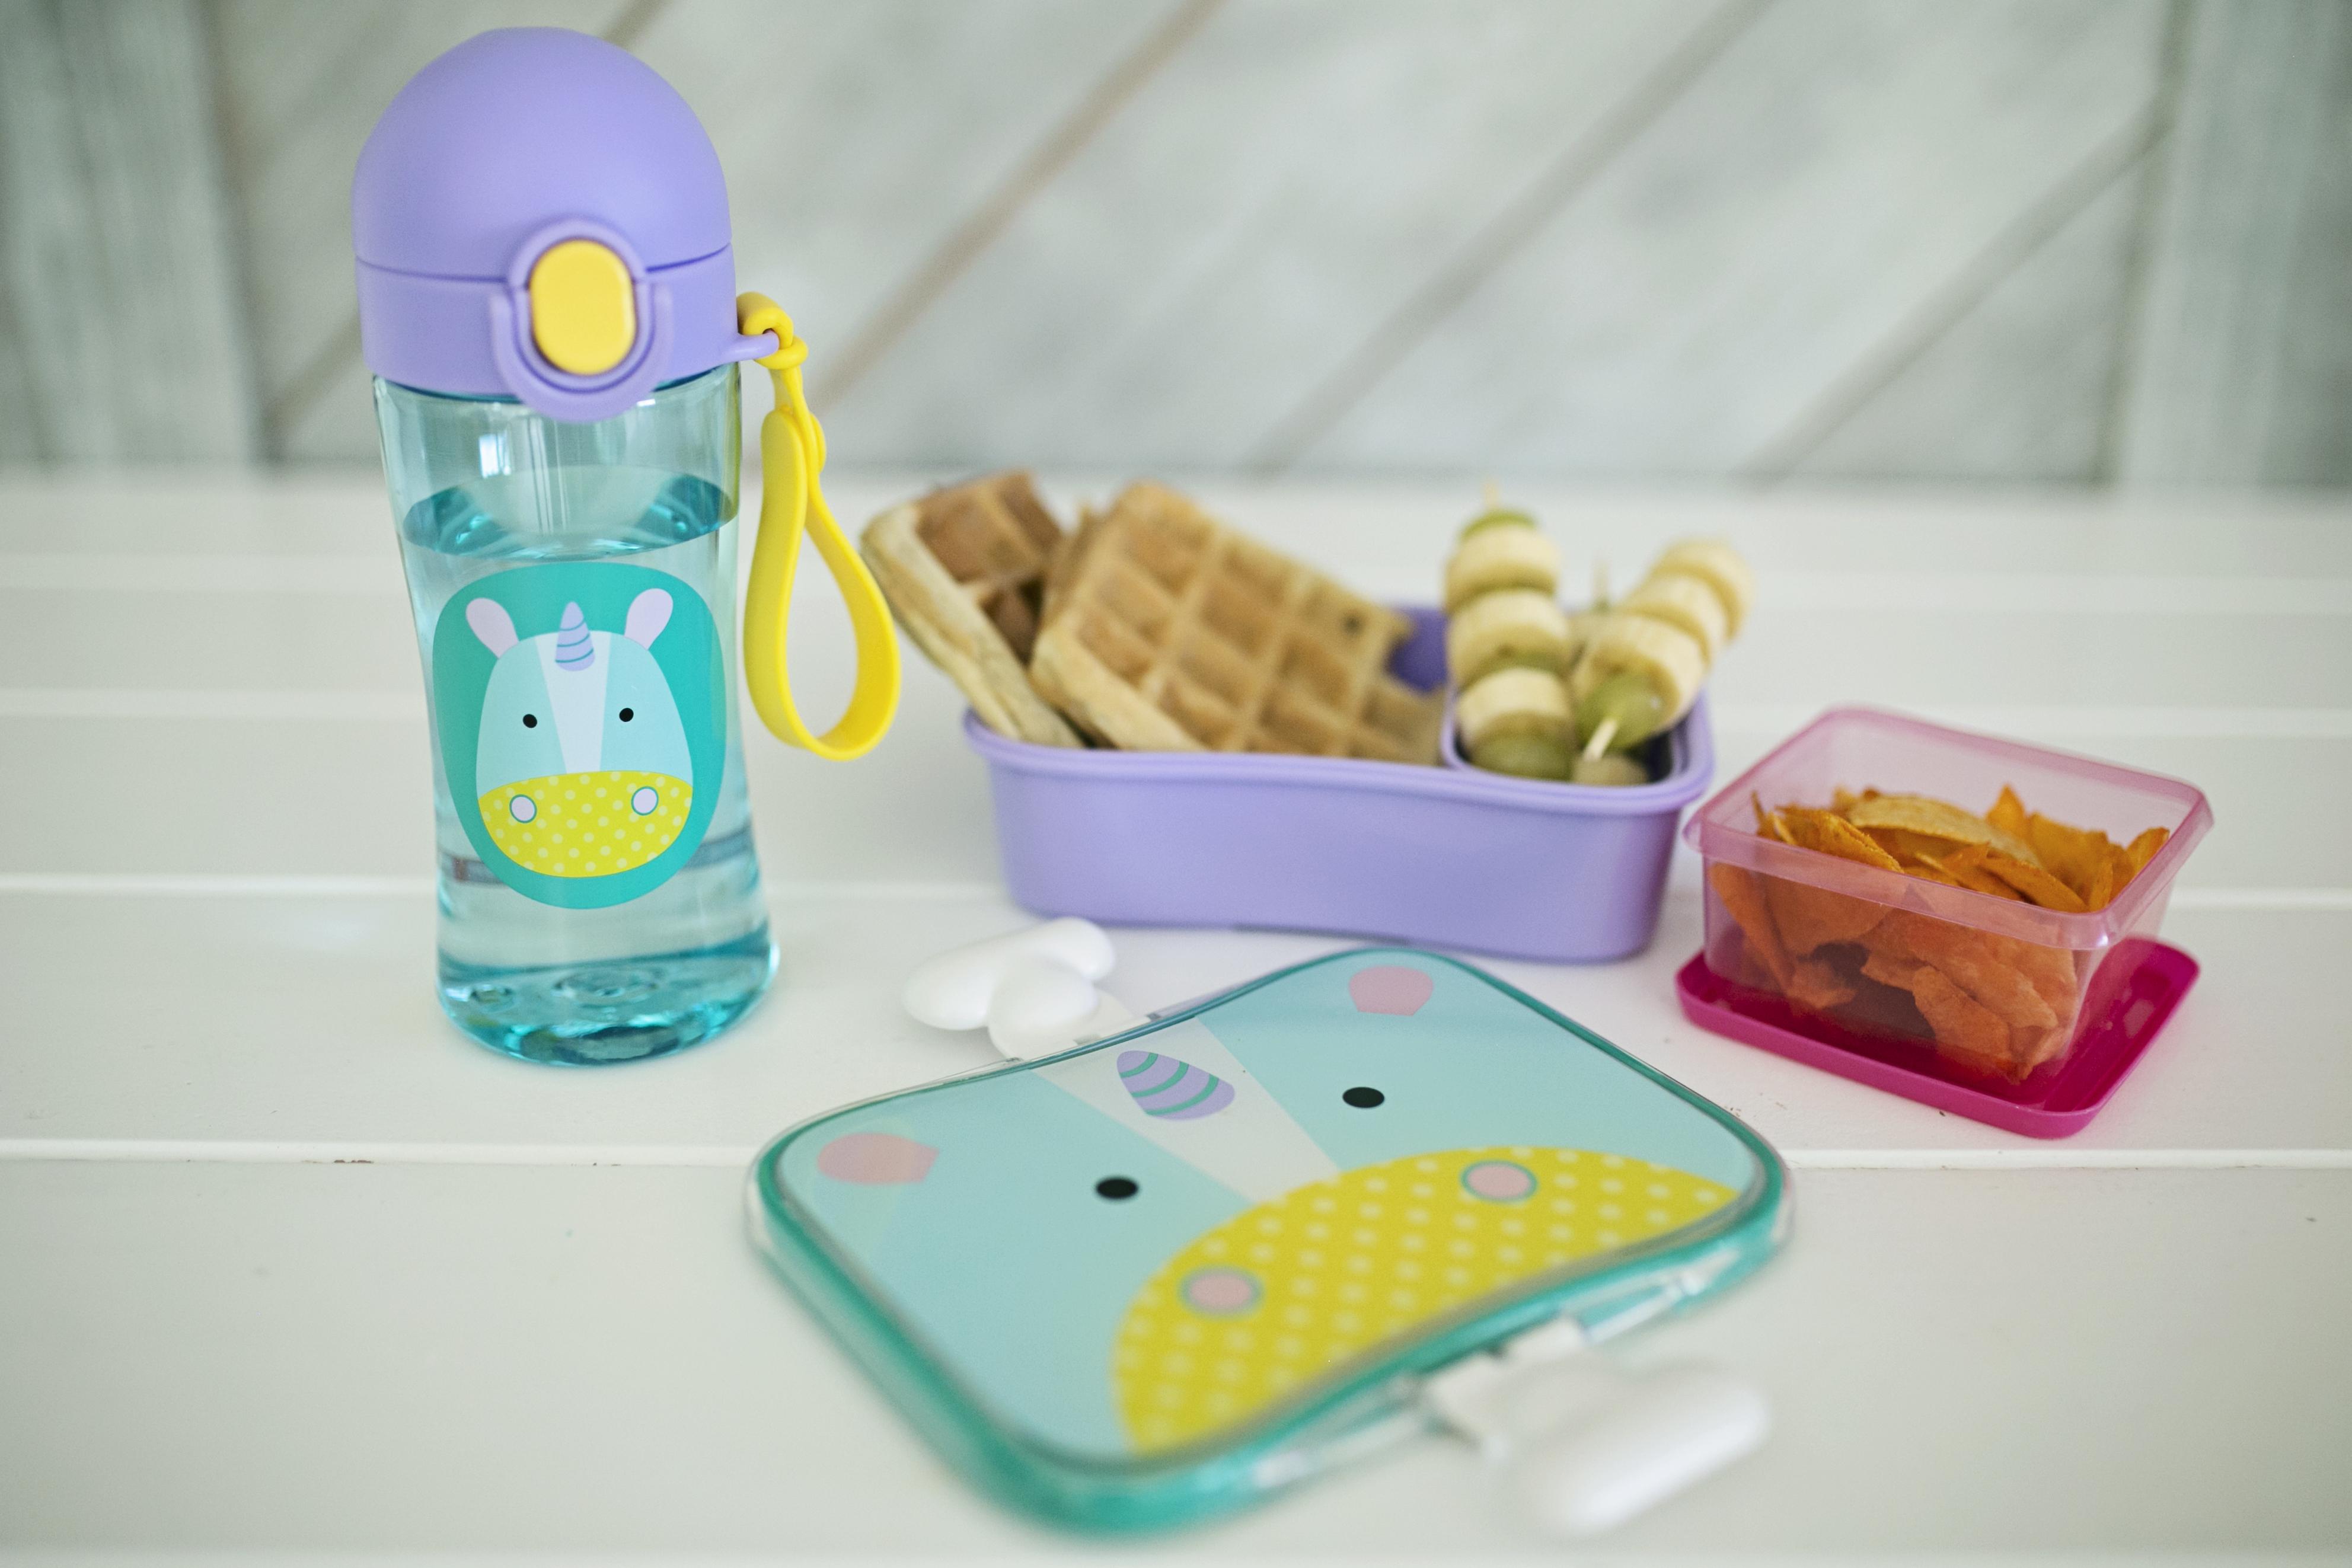 gofry bezglutenowe, zdrowy lunchbox do szkoły